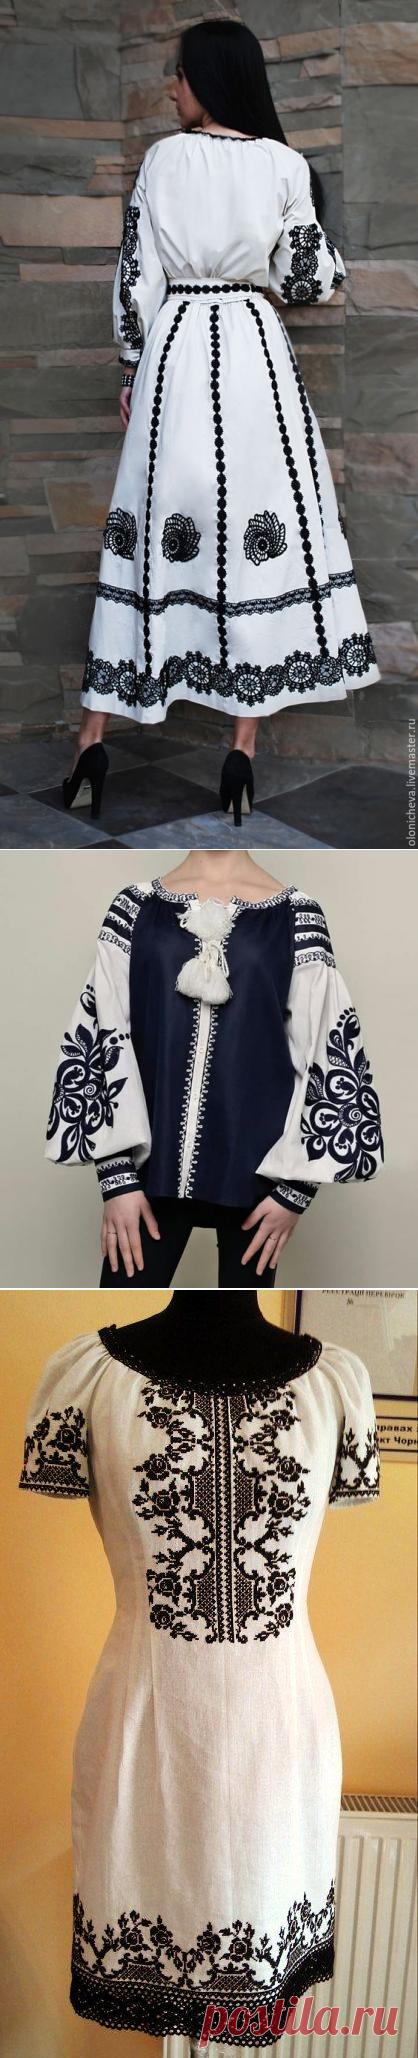 Монохромная вышивка: элегантно, притягательно и стильно